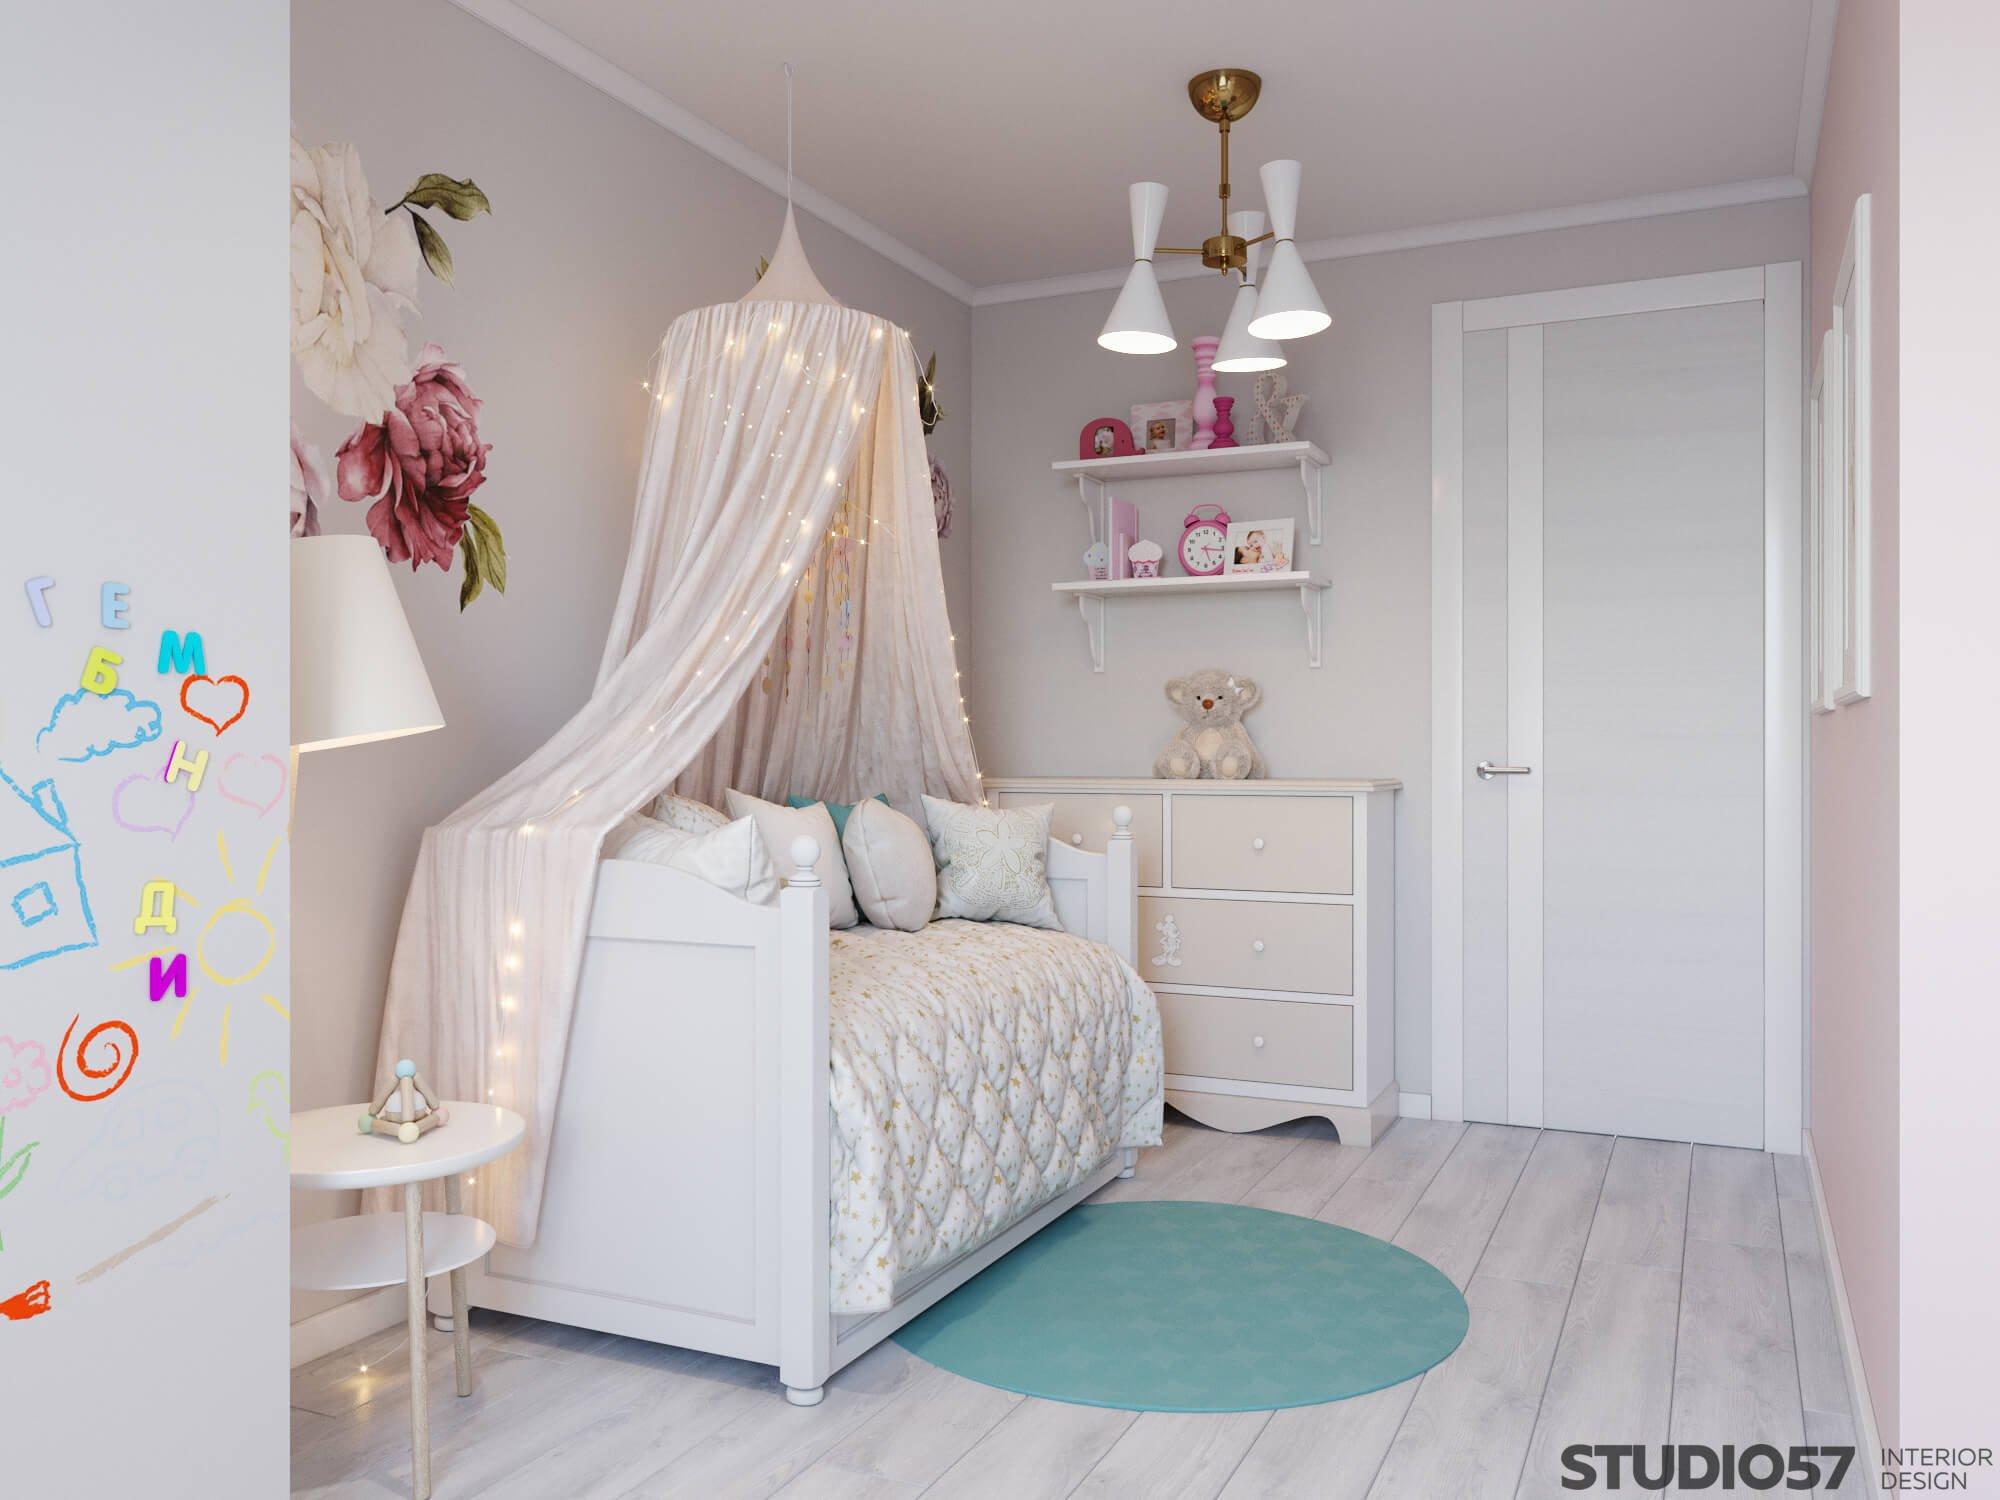 Нежные оттенки в дизайне детской комнаты